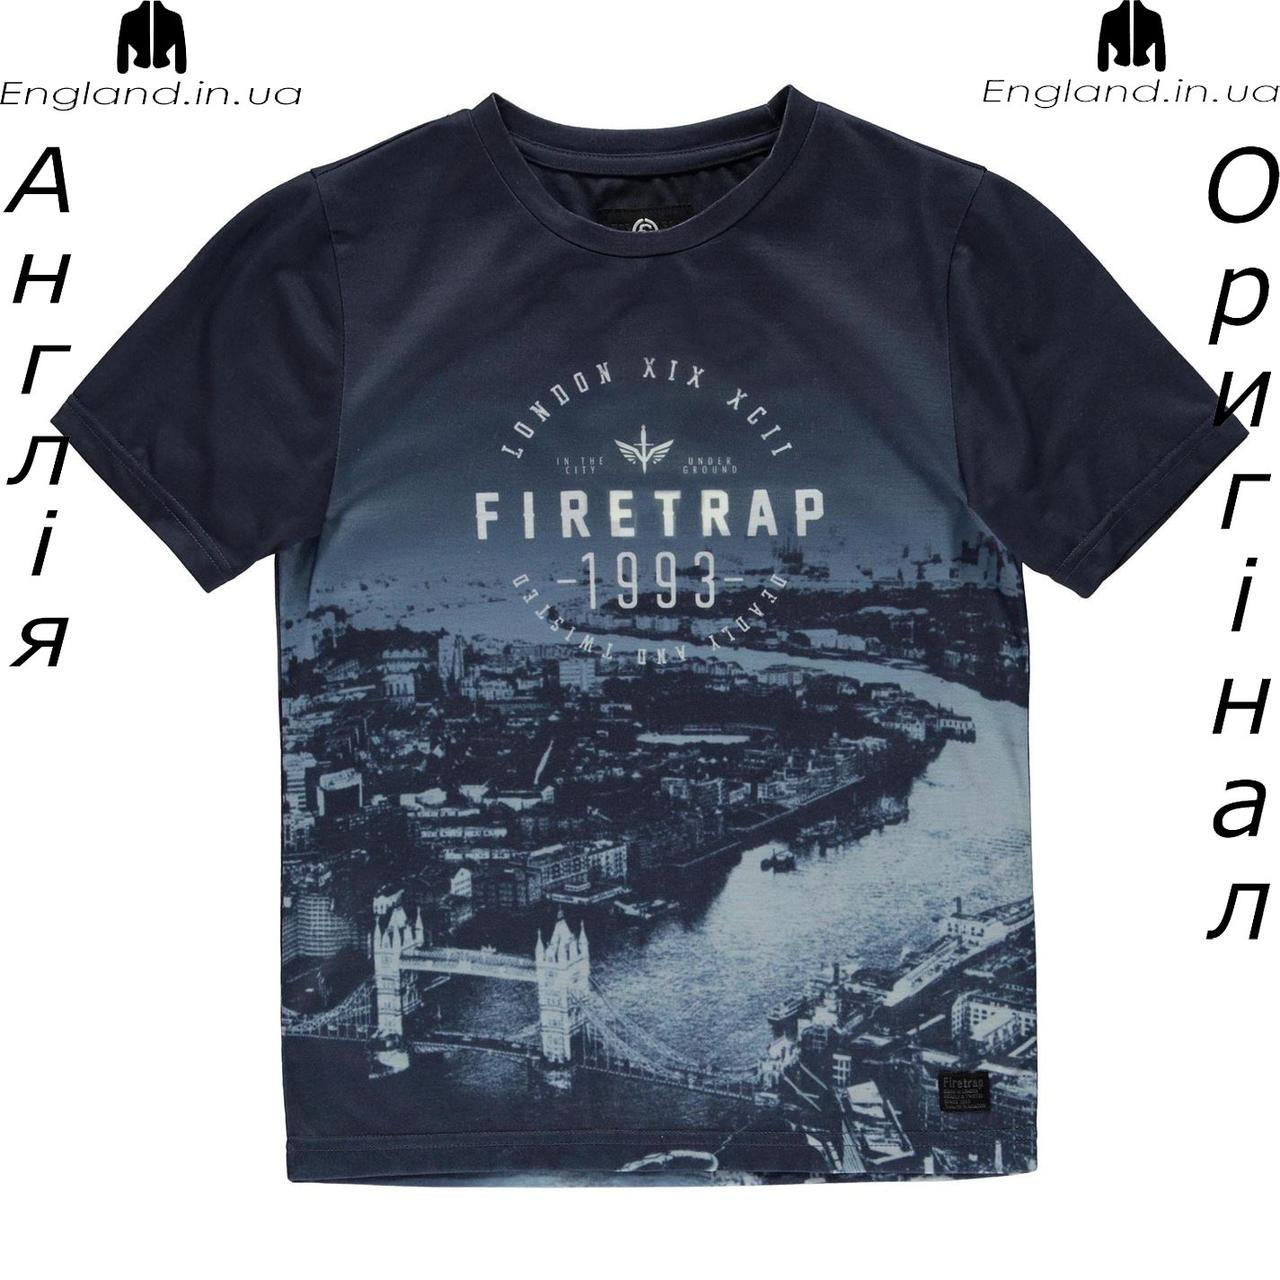 Футболка Firetrap из Англии для мальчиков 2-14 лет